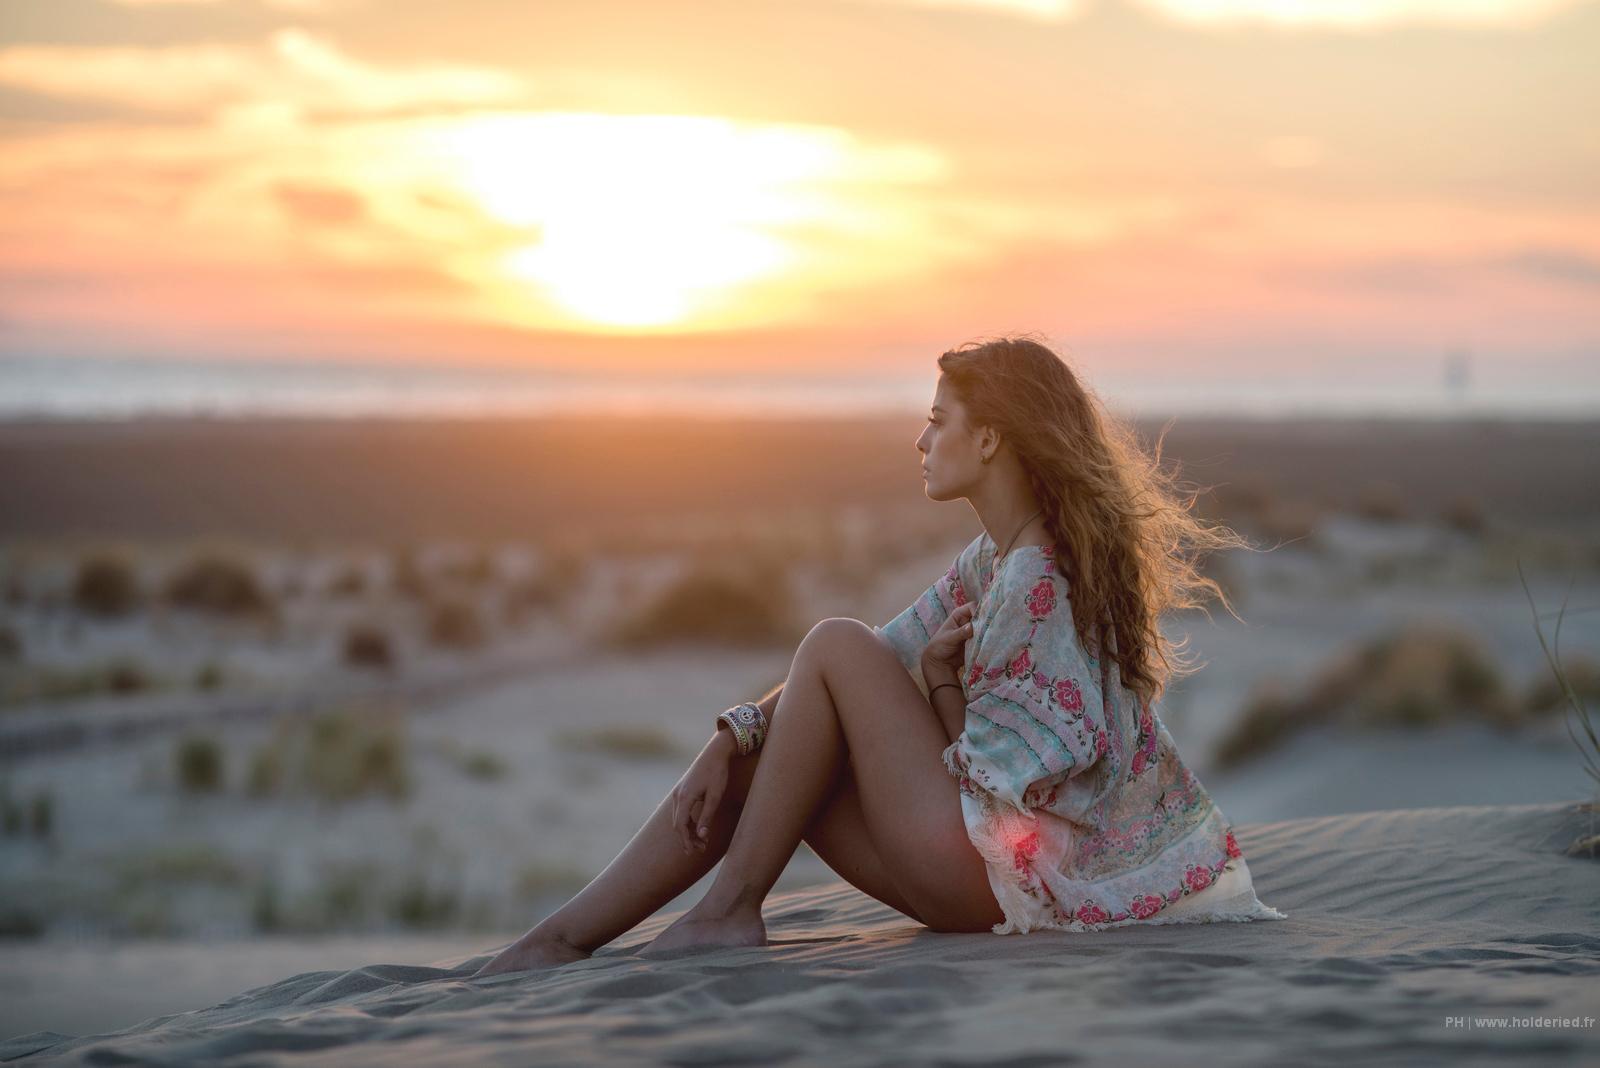 seance photo plage de l'espiguette - Léa sur la plage au couché du soleil.